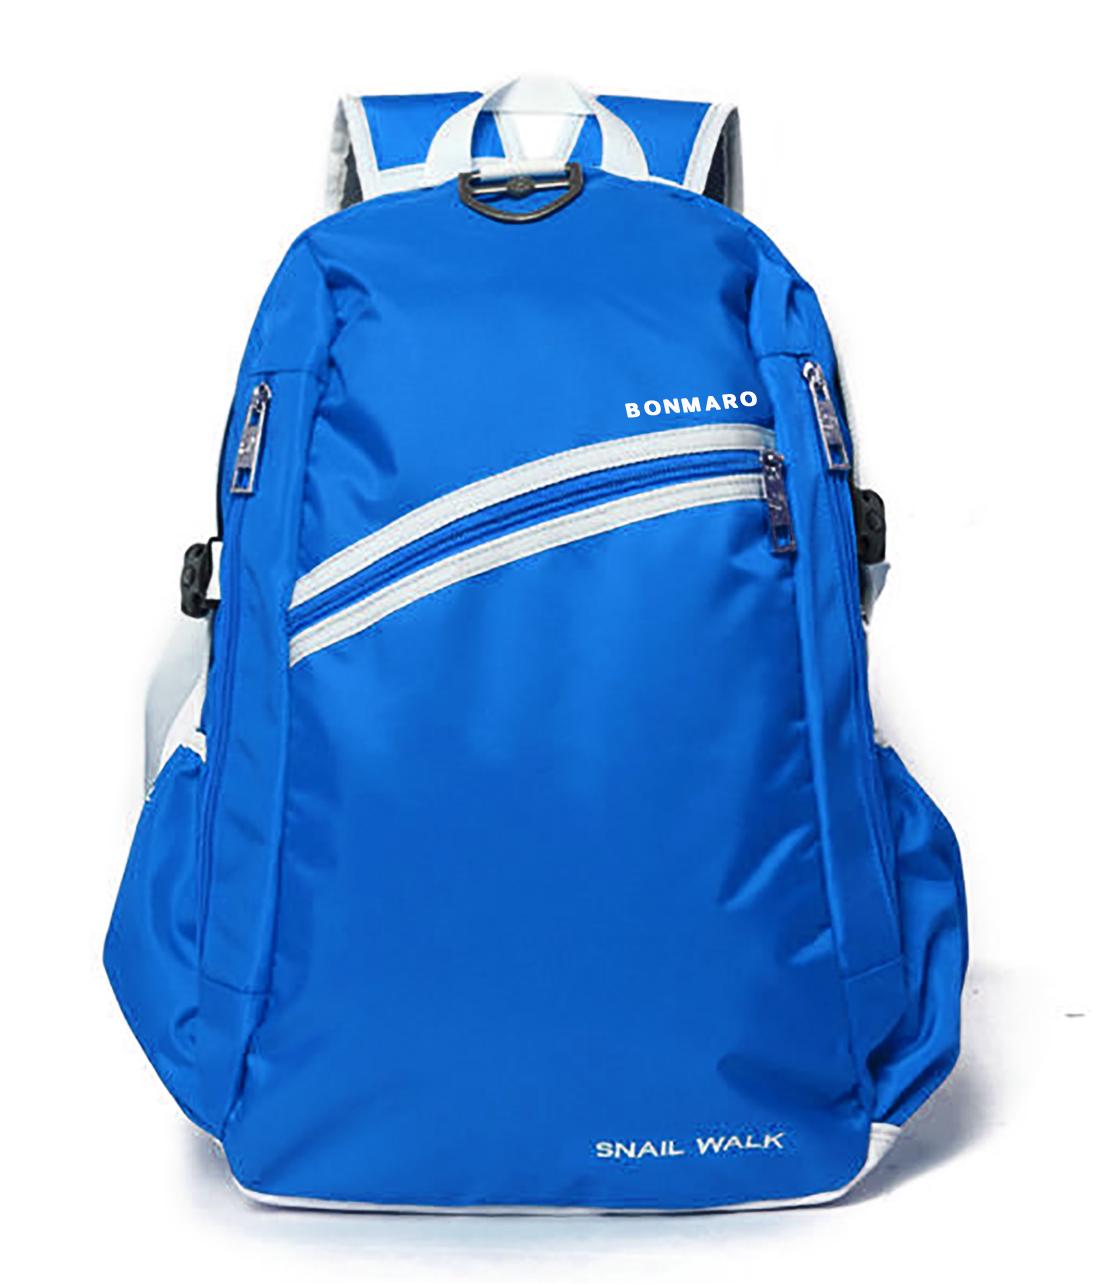 Bonmaro Snail Walk Blue Mid Size Backpack